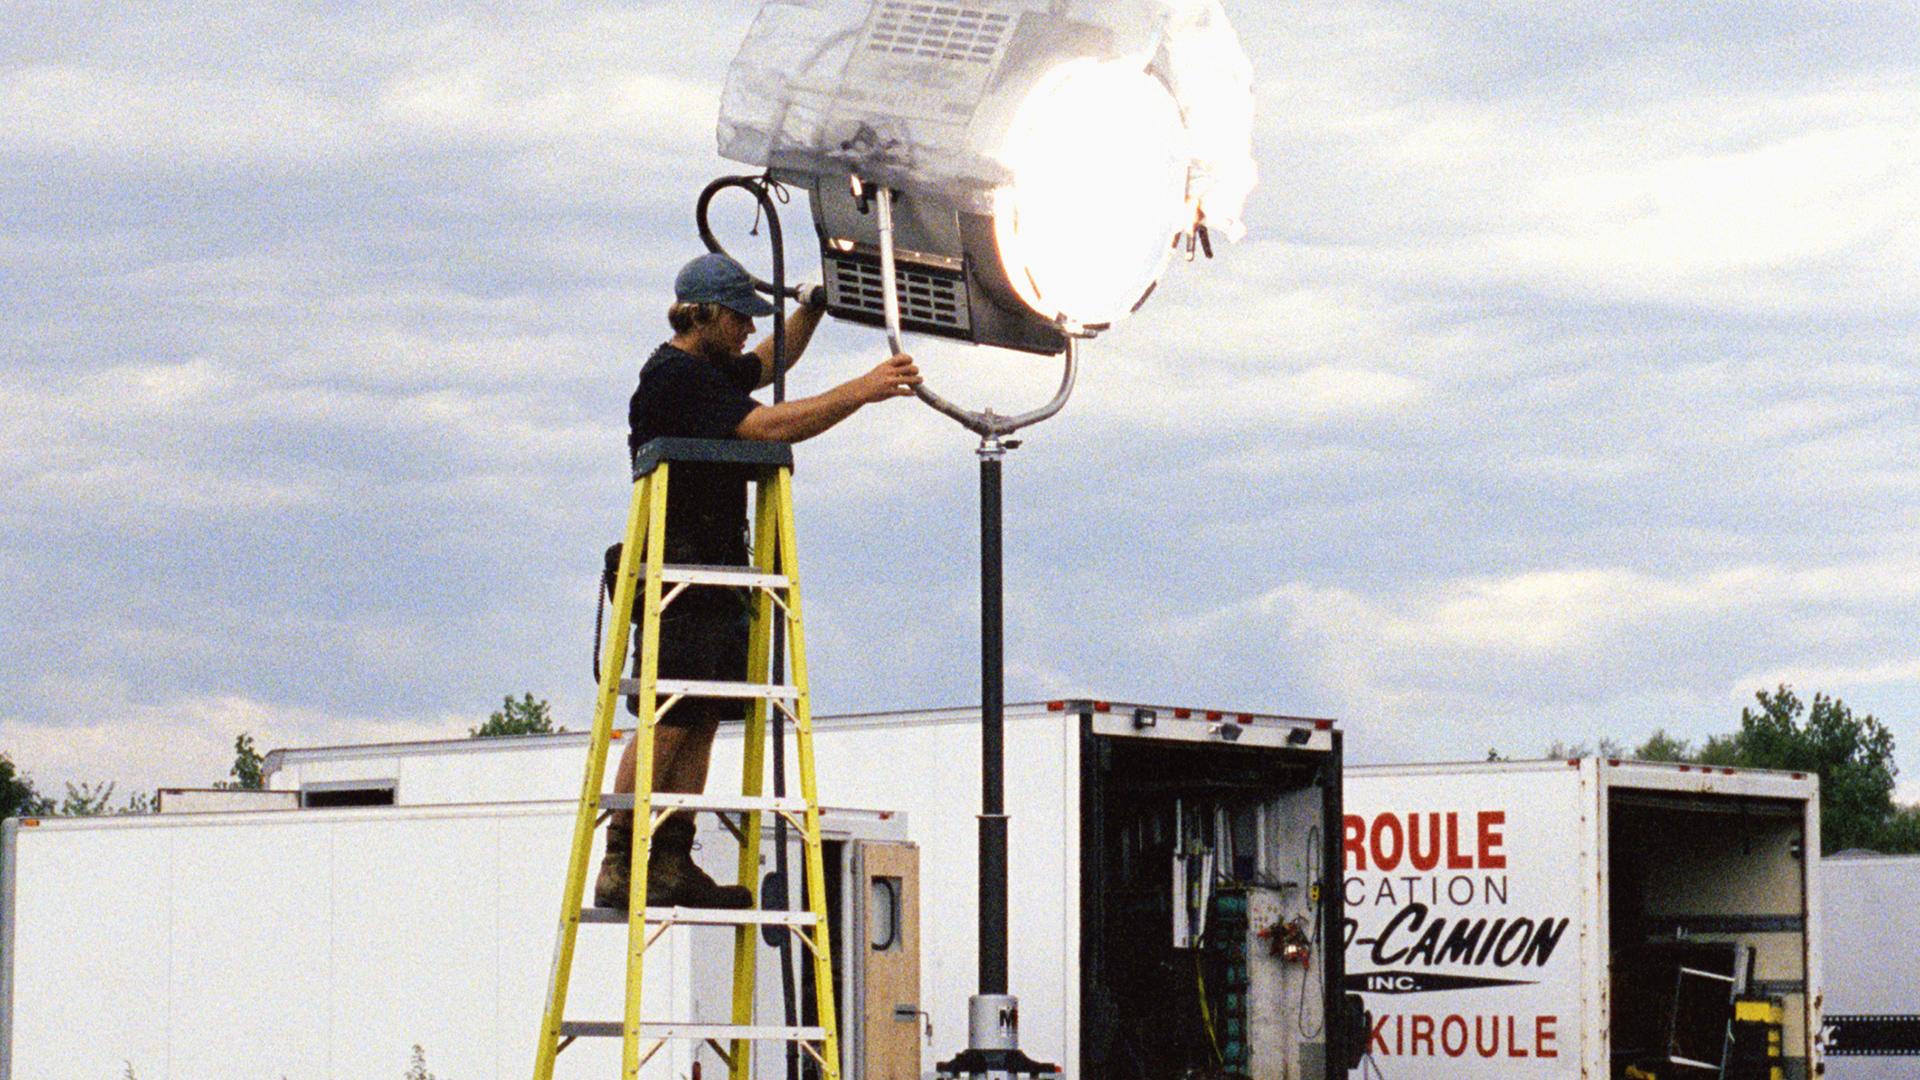 La direction photo : aspects créatifs et techniques de l'éclairage